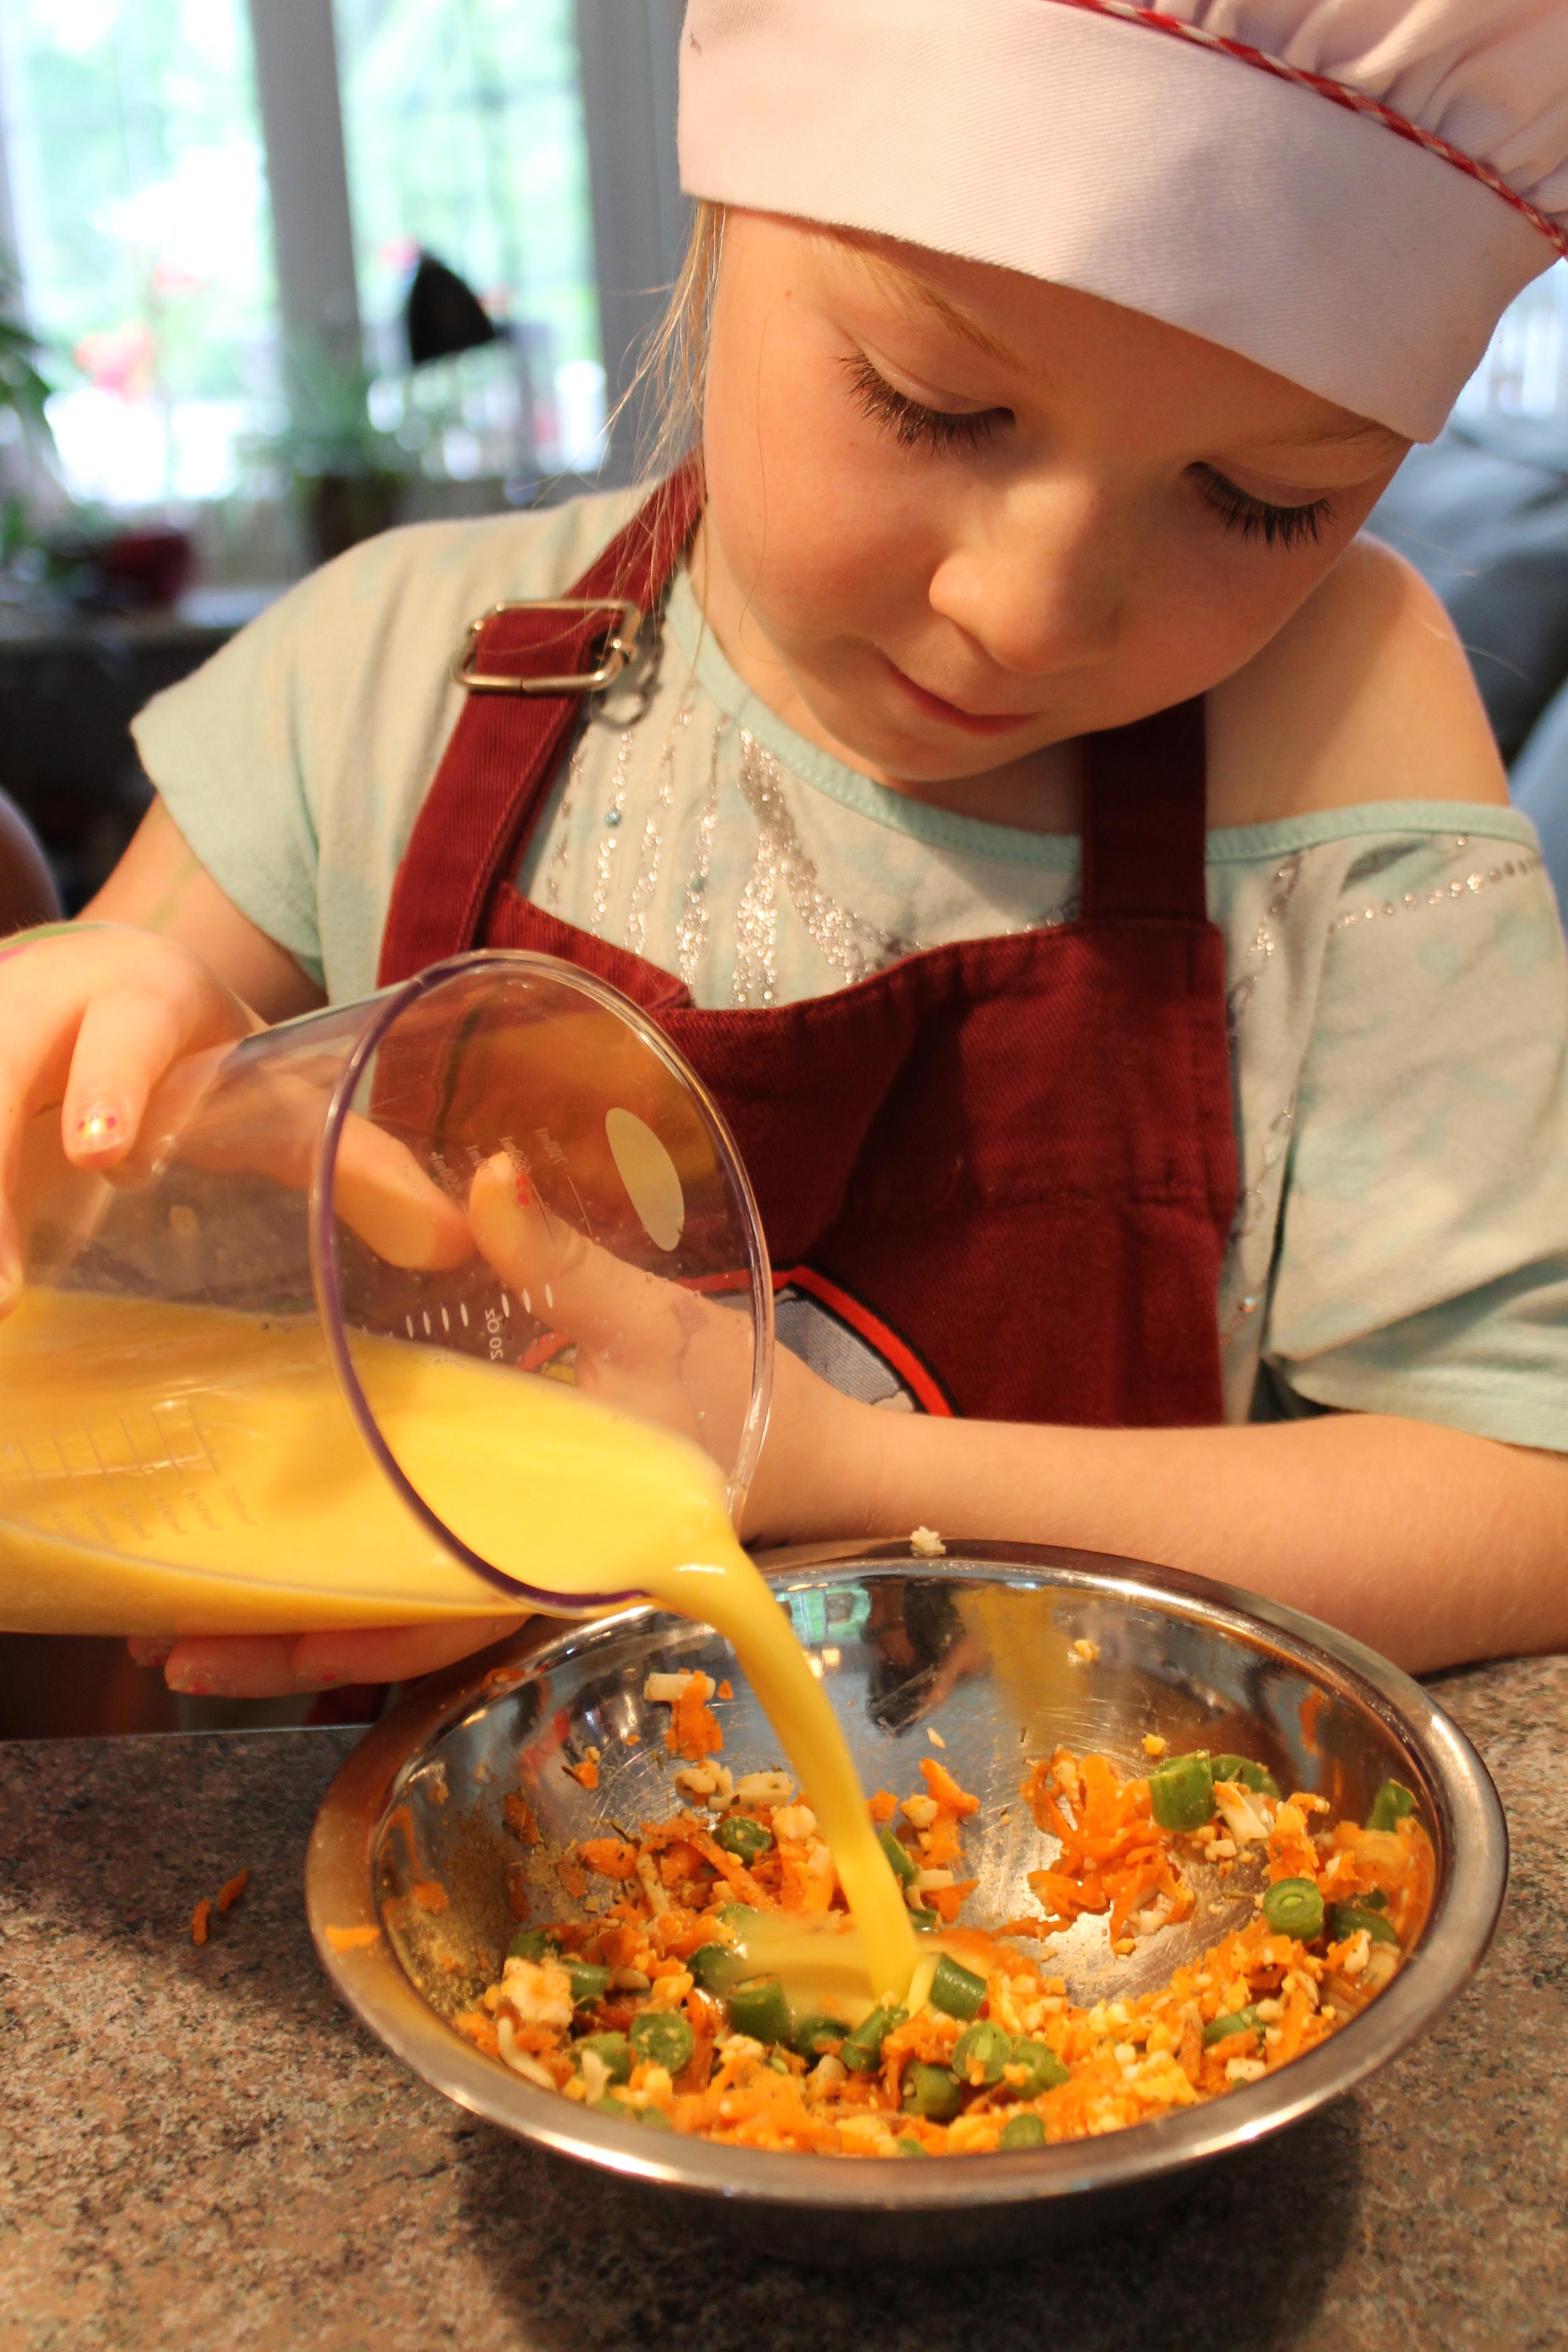 Cuisiner avec les enfants hungry rachel - Cuisiner avec une bouilloire ...